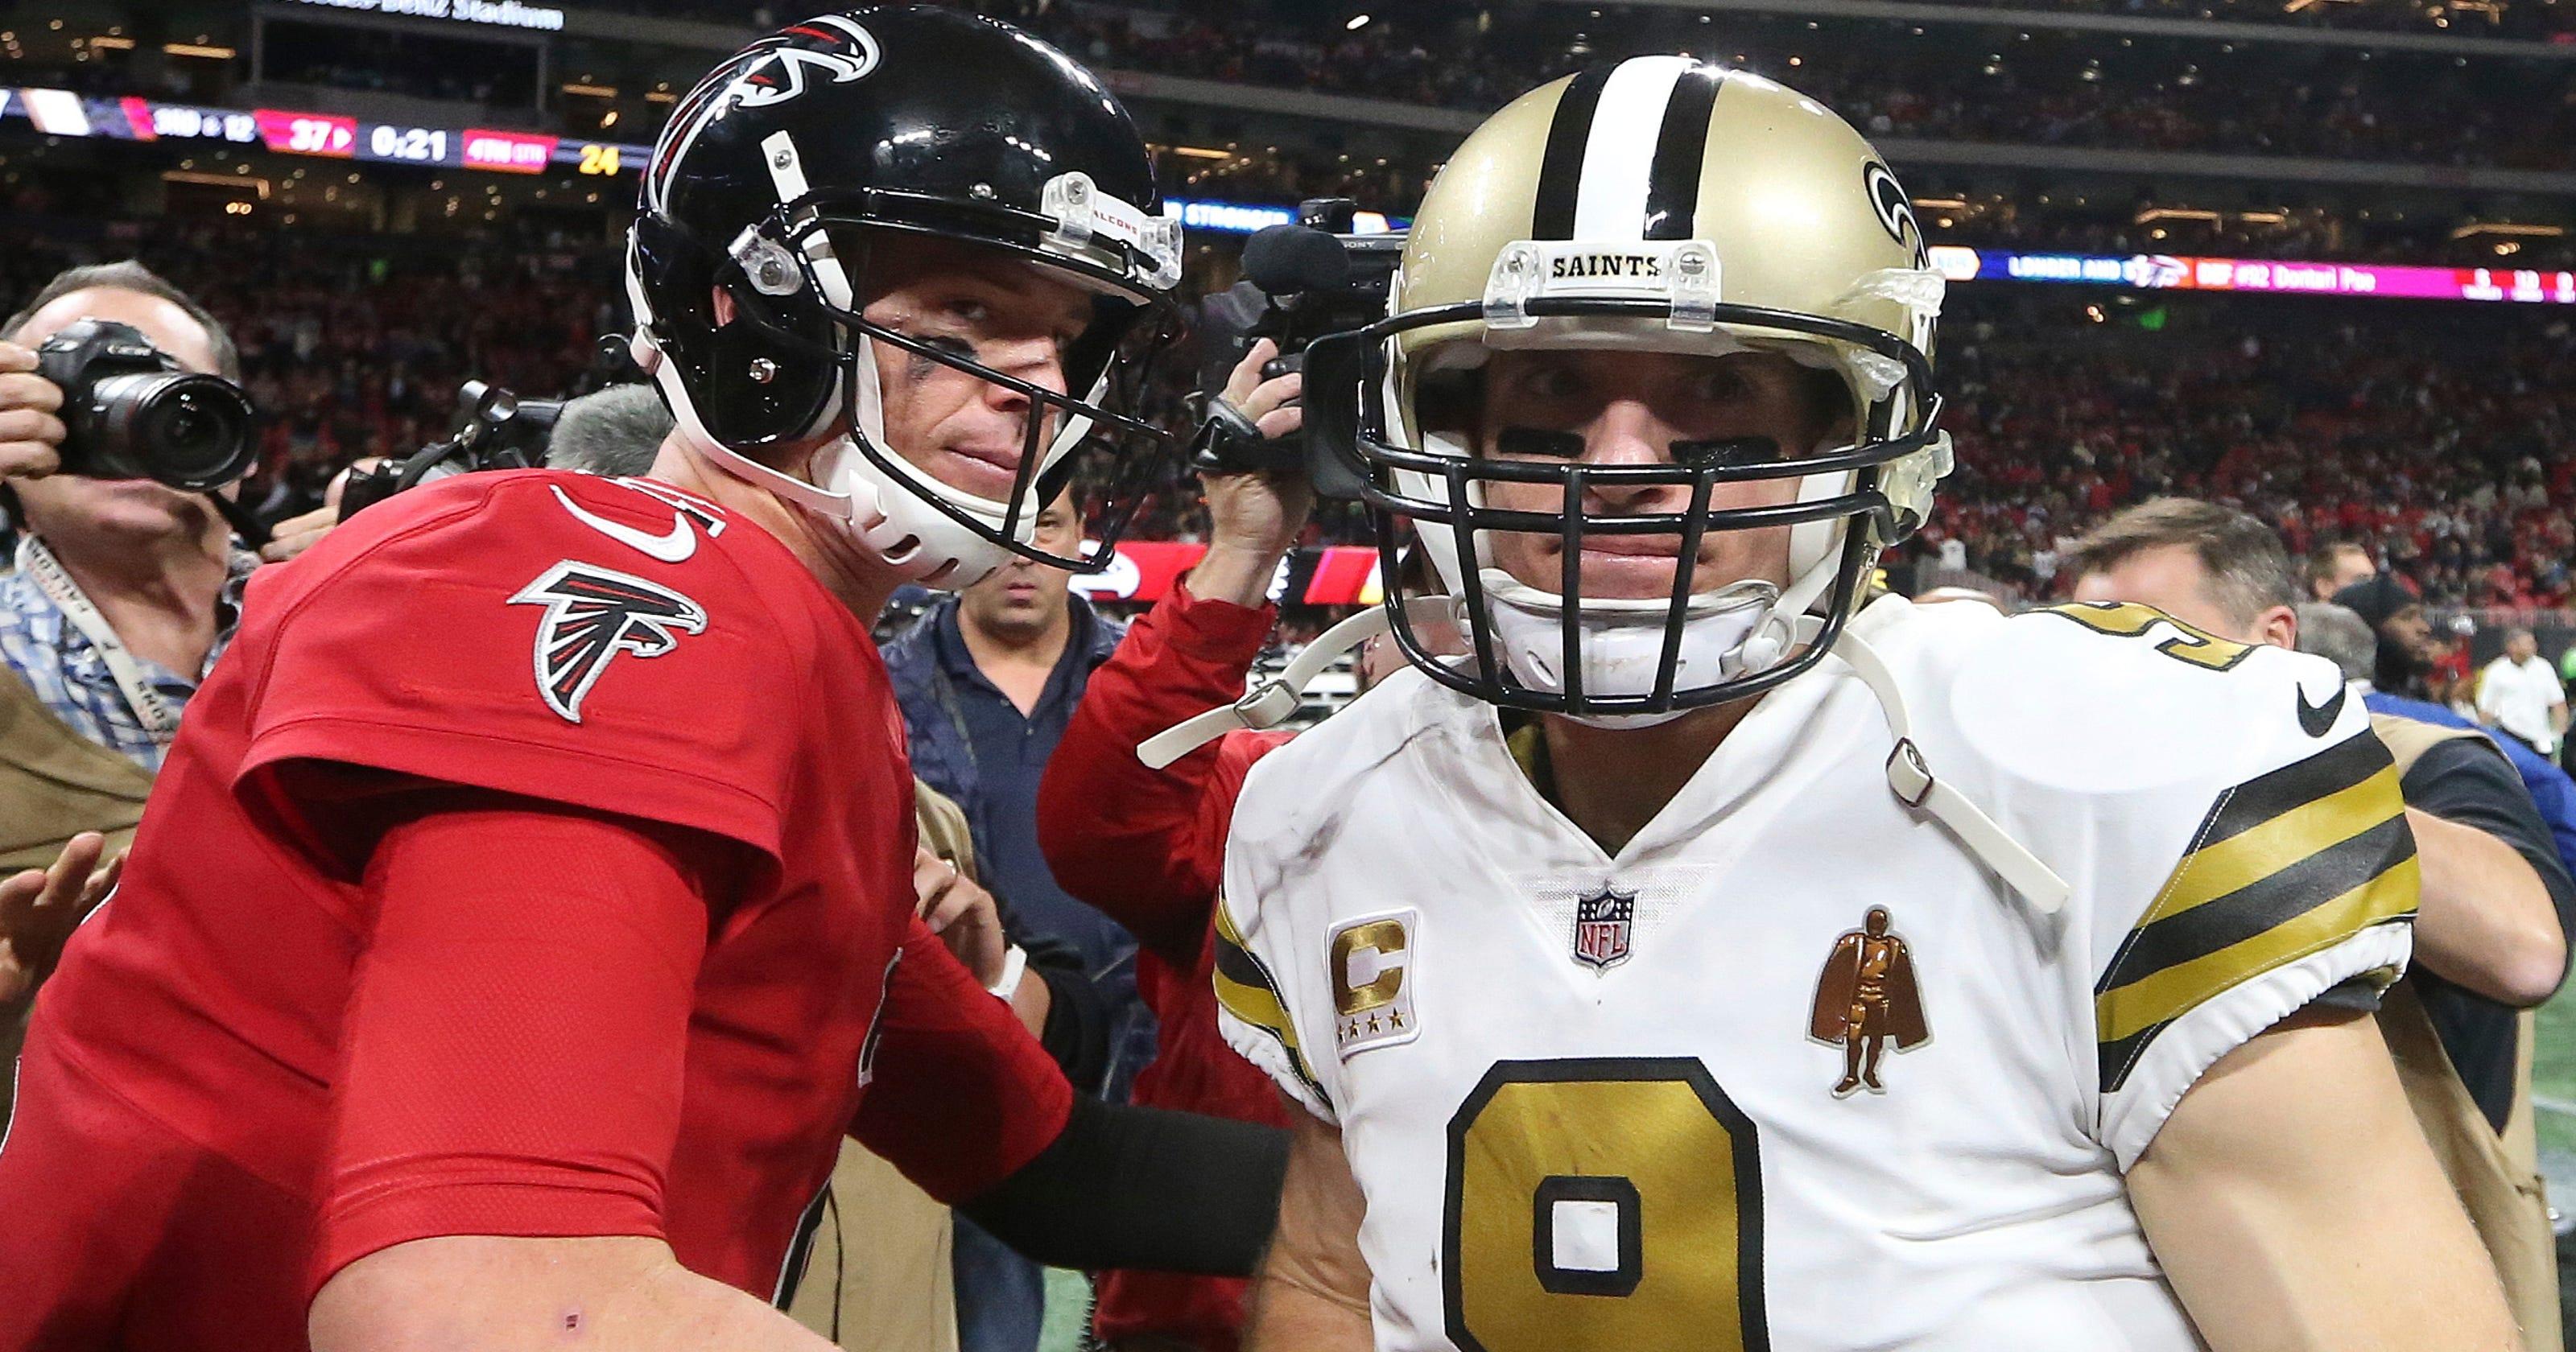 c455d6b0af5 NFL Week 16 kickoff times, TV channel info, game breakdowns